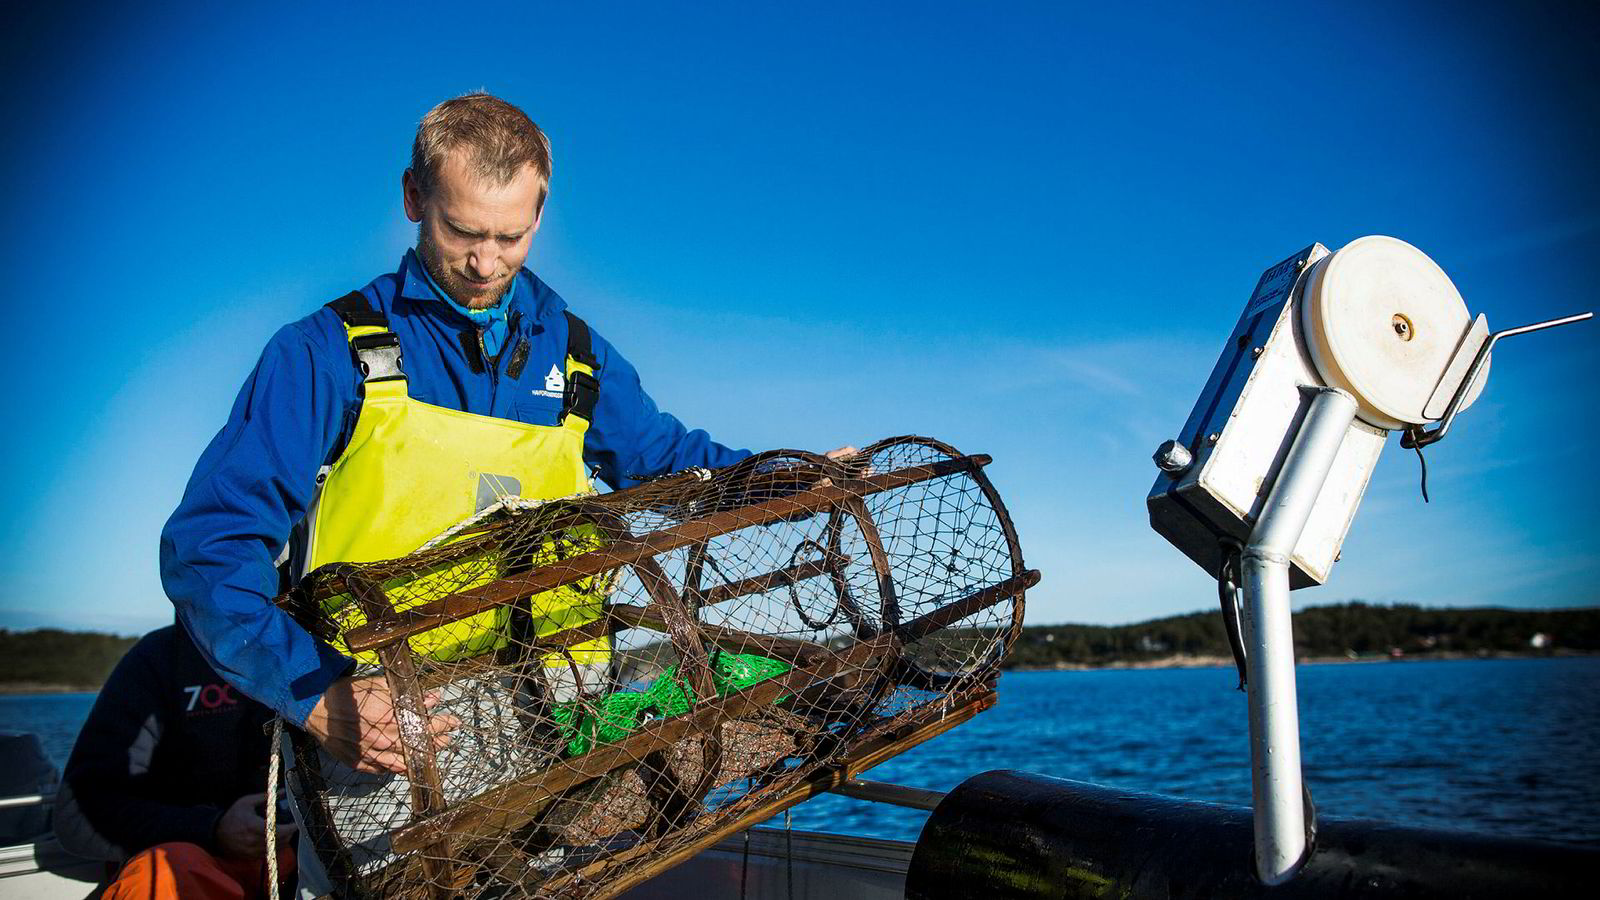 Hummerforsker Alf Ring Kleiven ved Havforskningsinstituttets forskningsstasjon Flødevigen ved Arendal håper de nye og strengere reglene for hummerfisket skal bidra til styrket bestand. Men det vil ta tid.